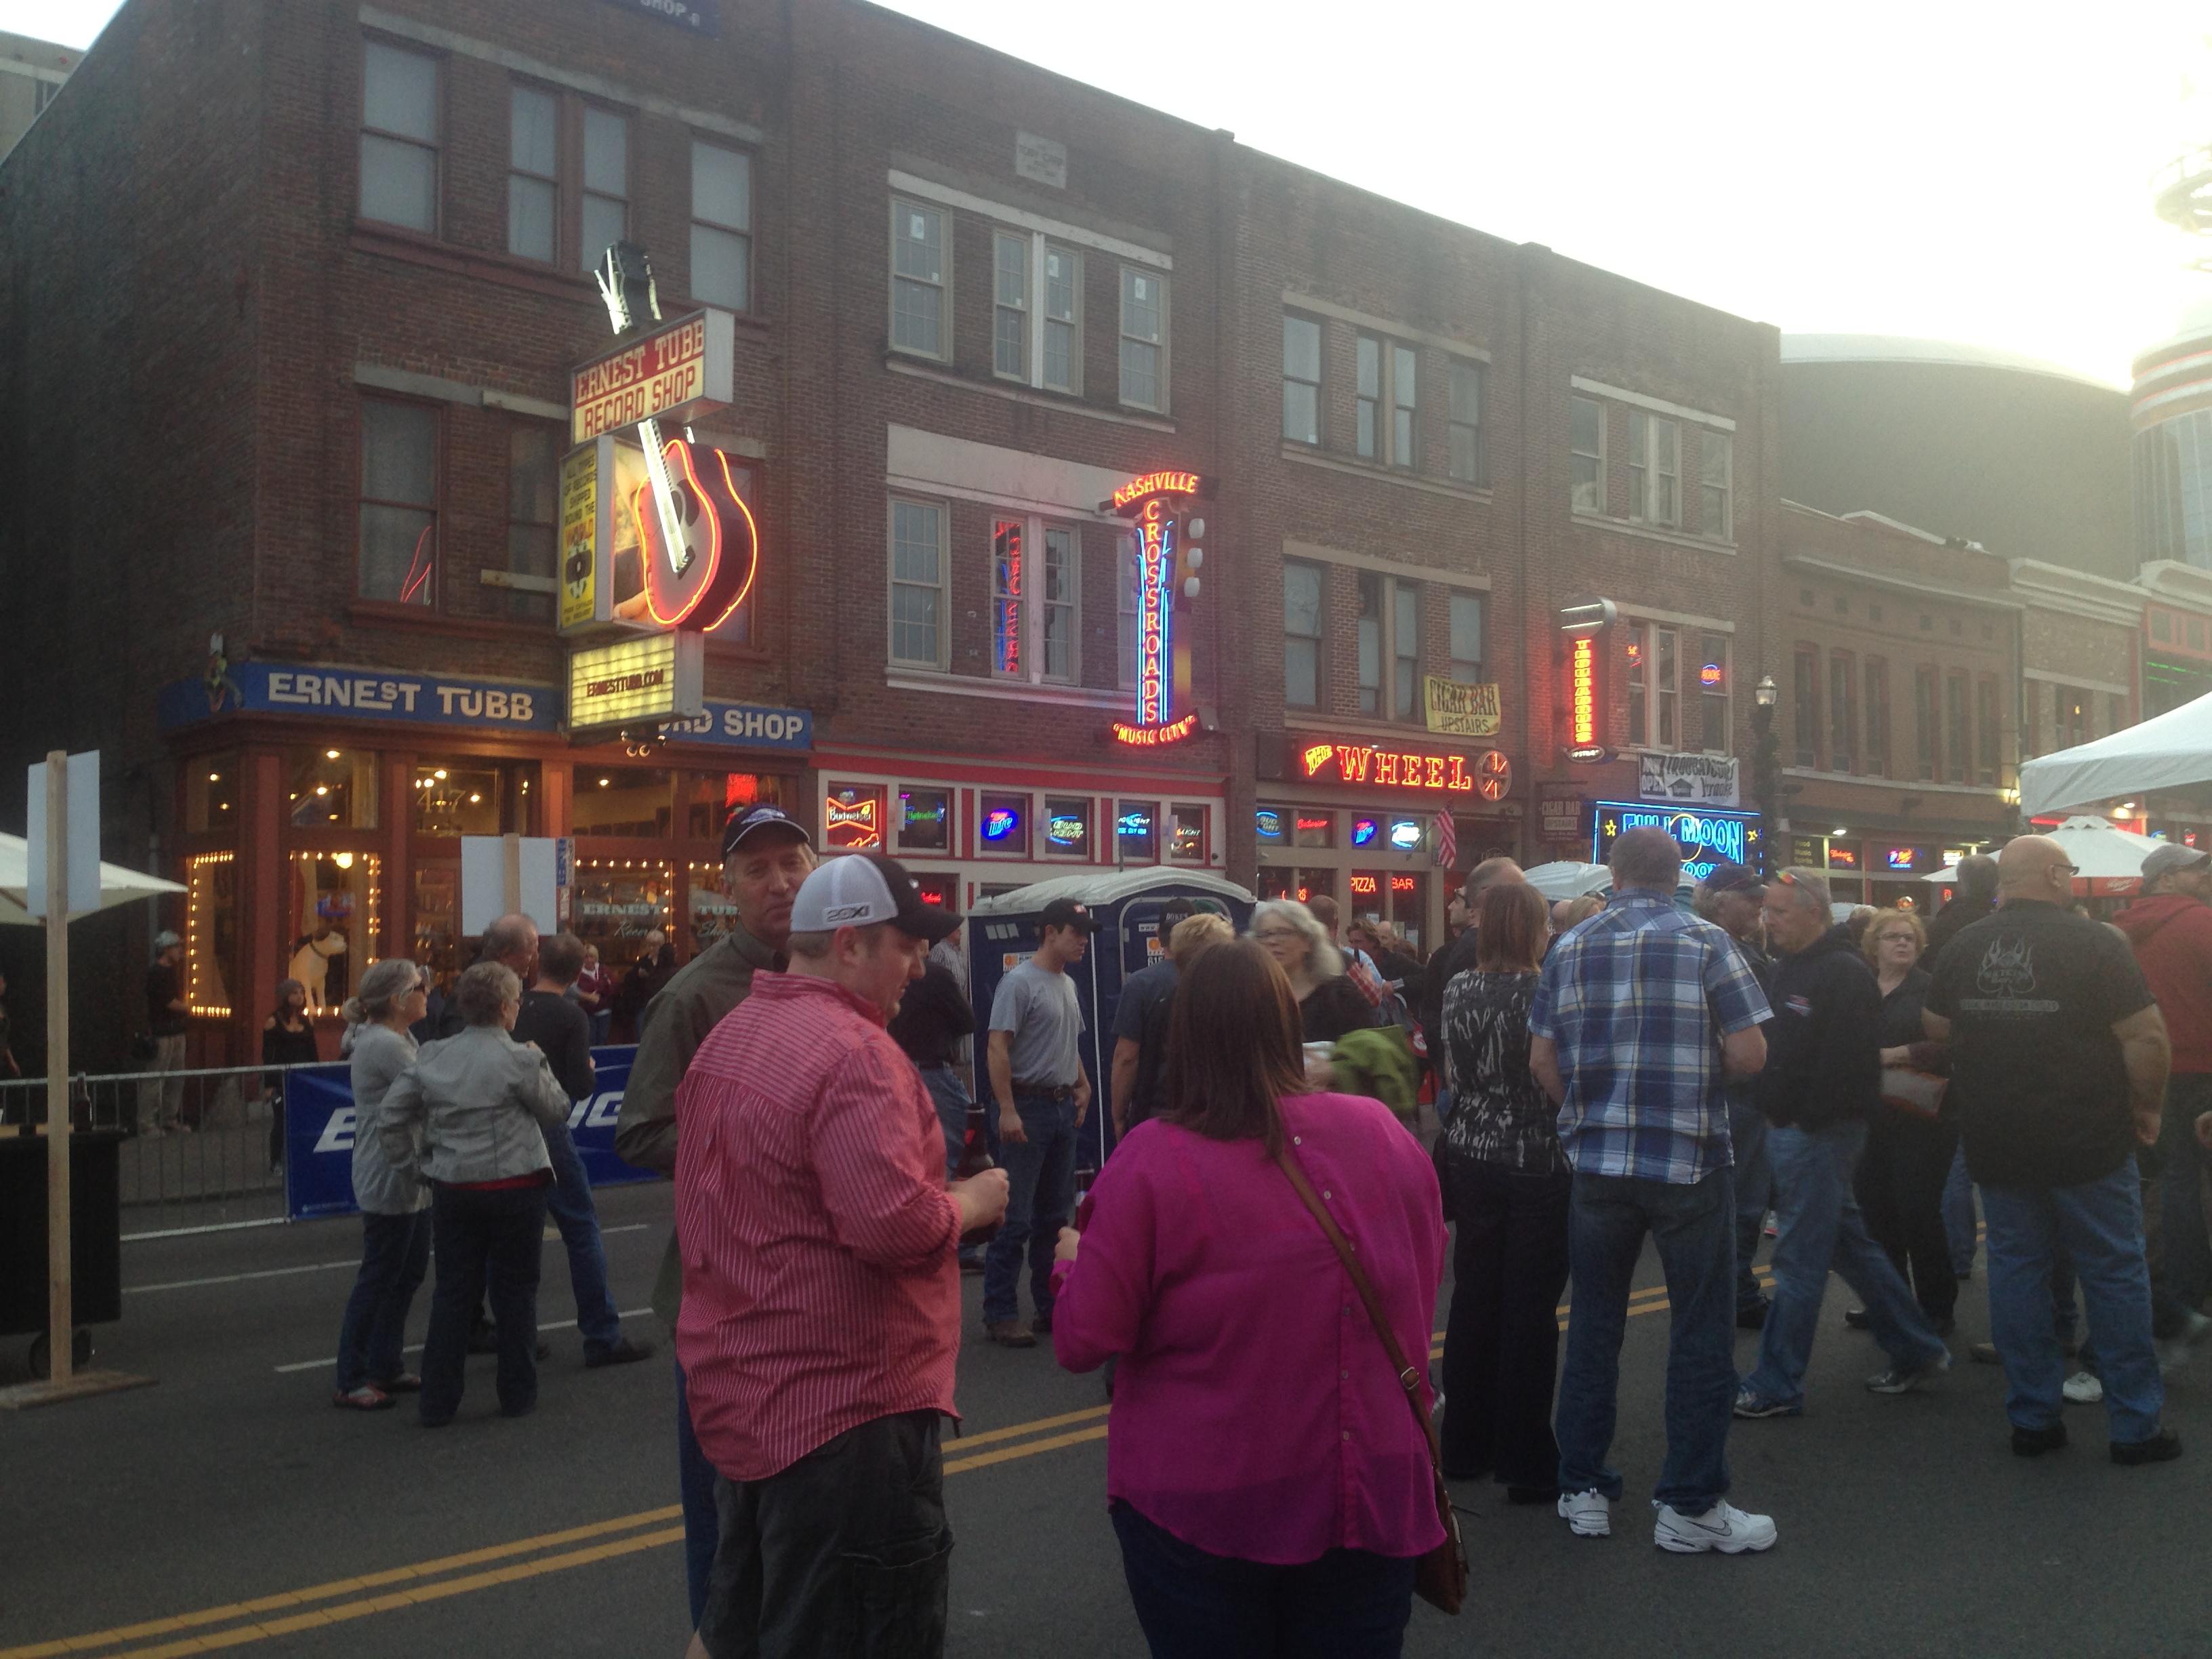 Nashville tn to crossville tn